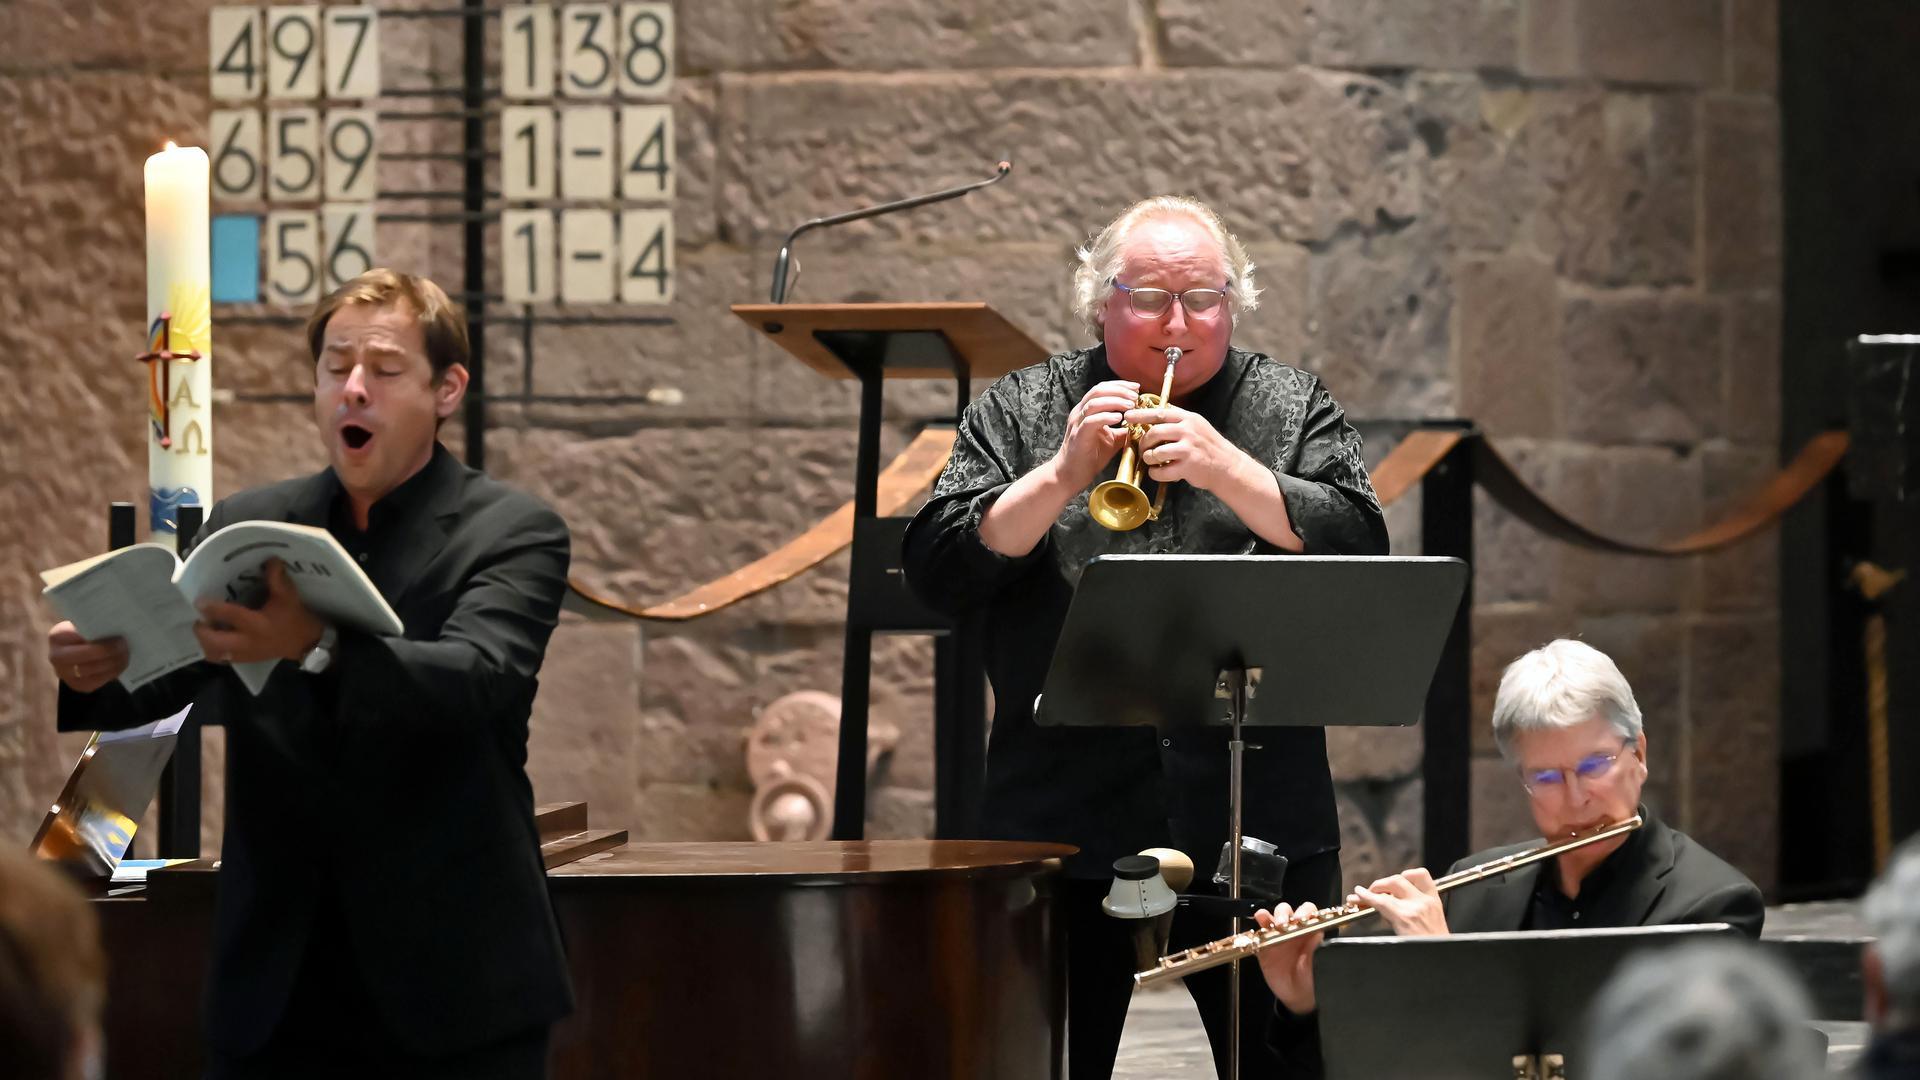 Benefizkonzert für Flutopfer: Hanno Müller-Brachmann, Reinhold Friedrich und Johannes Hustedt (von links) musizieren in der Evangelischen Stadtkirche am Marktplatz.